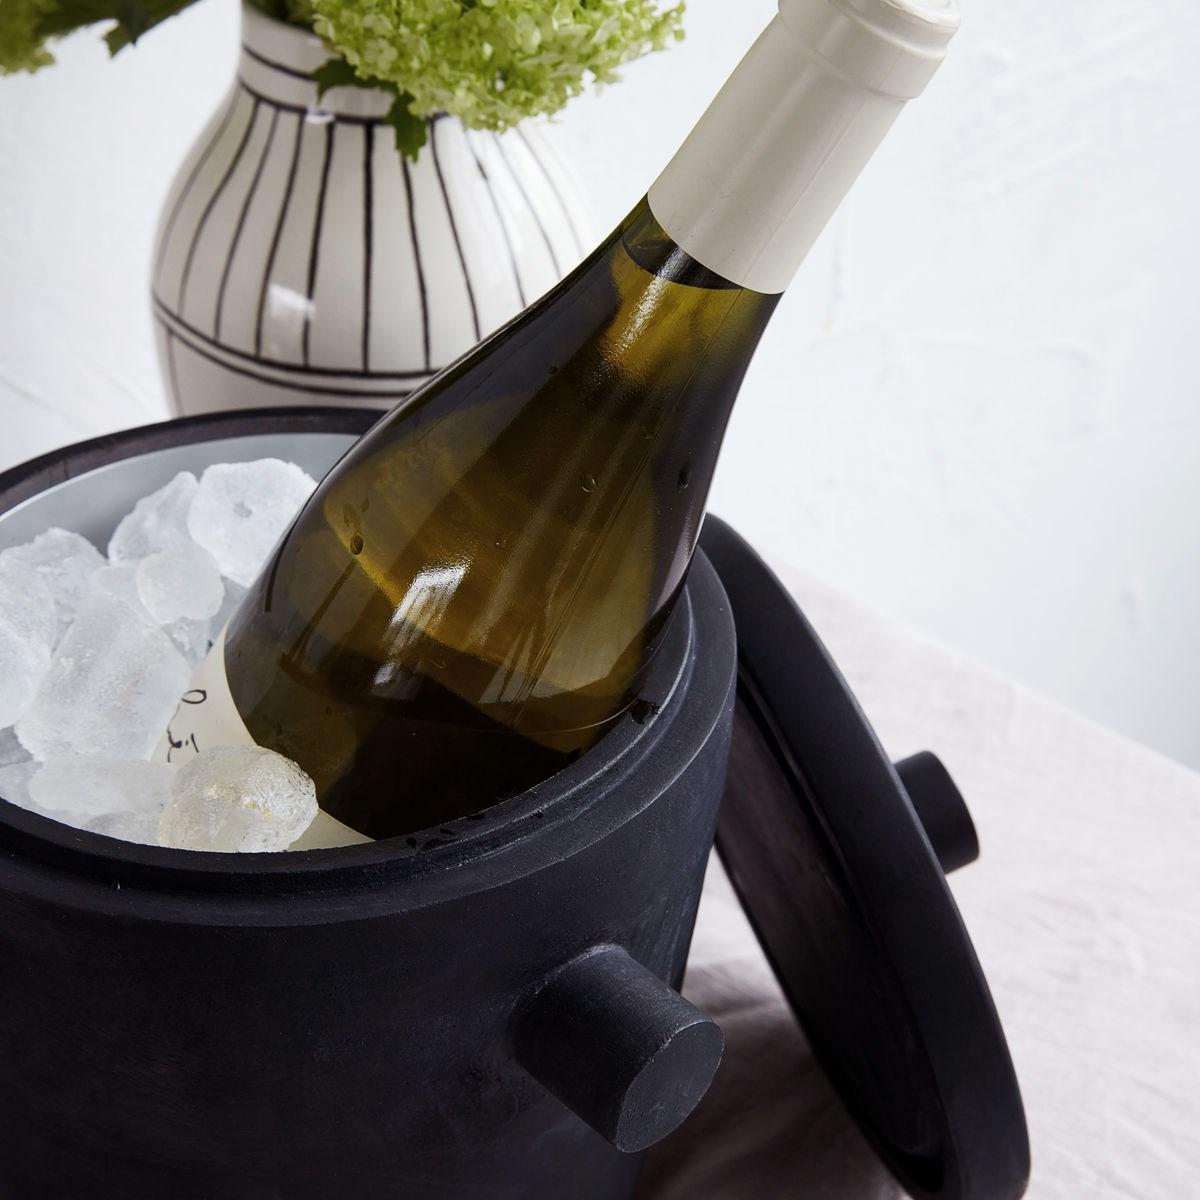 Chladič na víno/ kbelík na led ASK černý_1